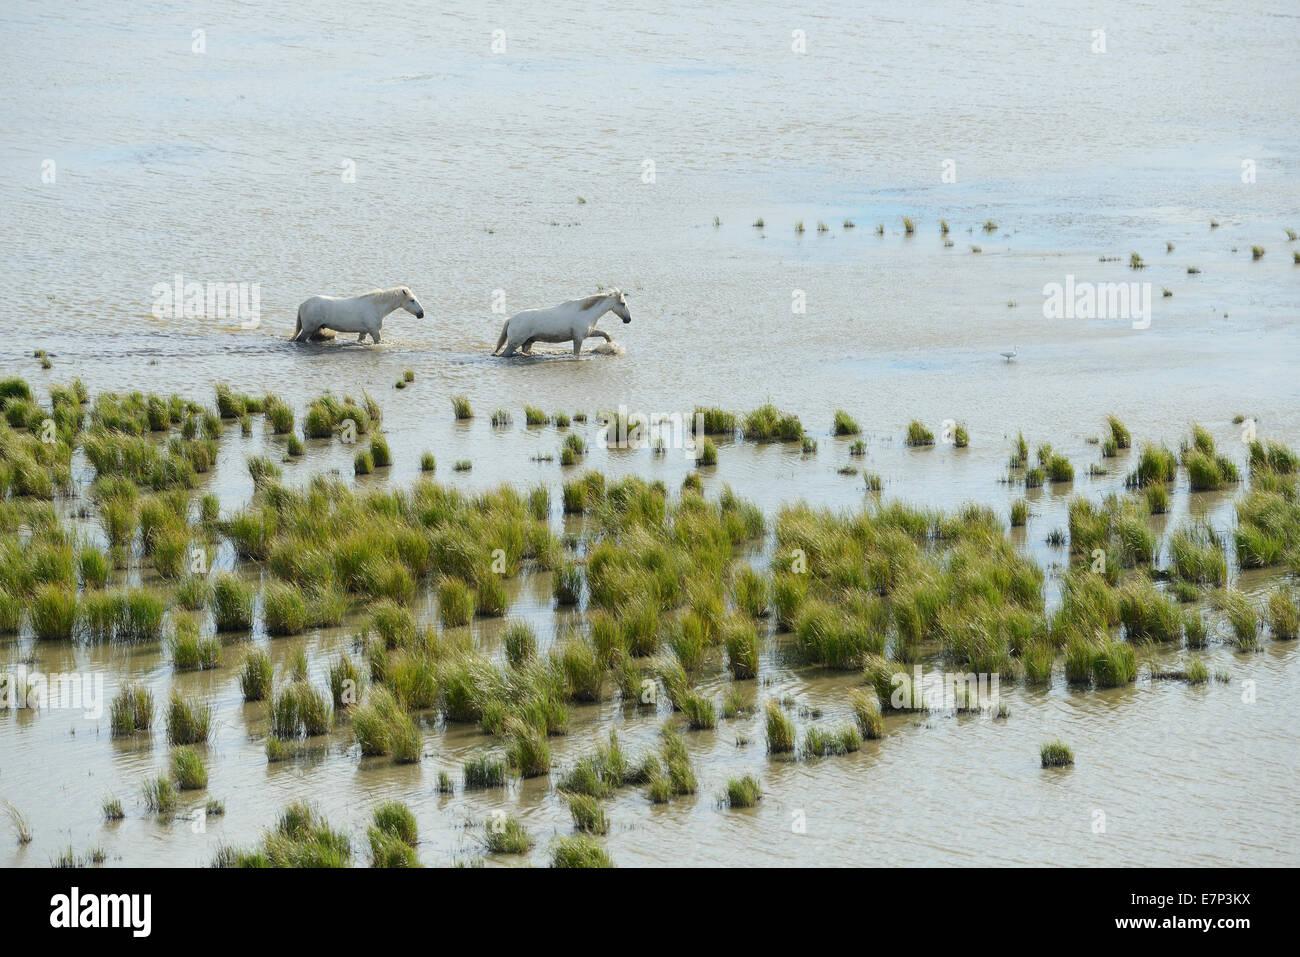 Europe, France, Languedoc- Roussillon, Camargue, wetland, white horses, grey horses, animal, horse, nature, wildlife, - Stock Image